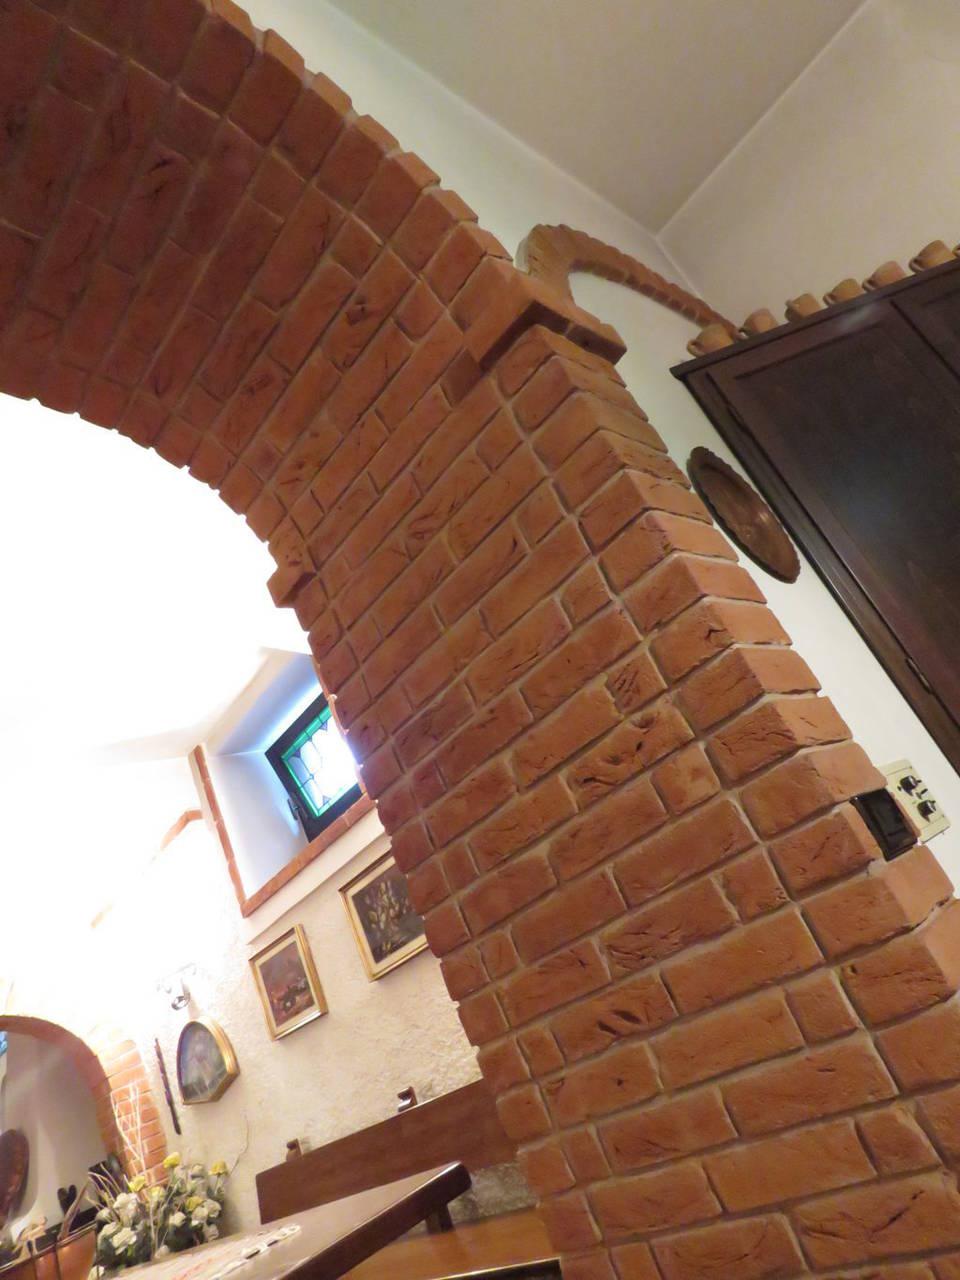 Villa-Epoca-di-pregio-in-vendita-a-Monza-31